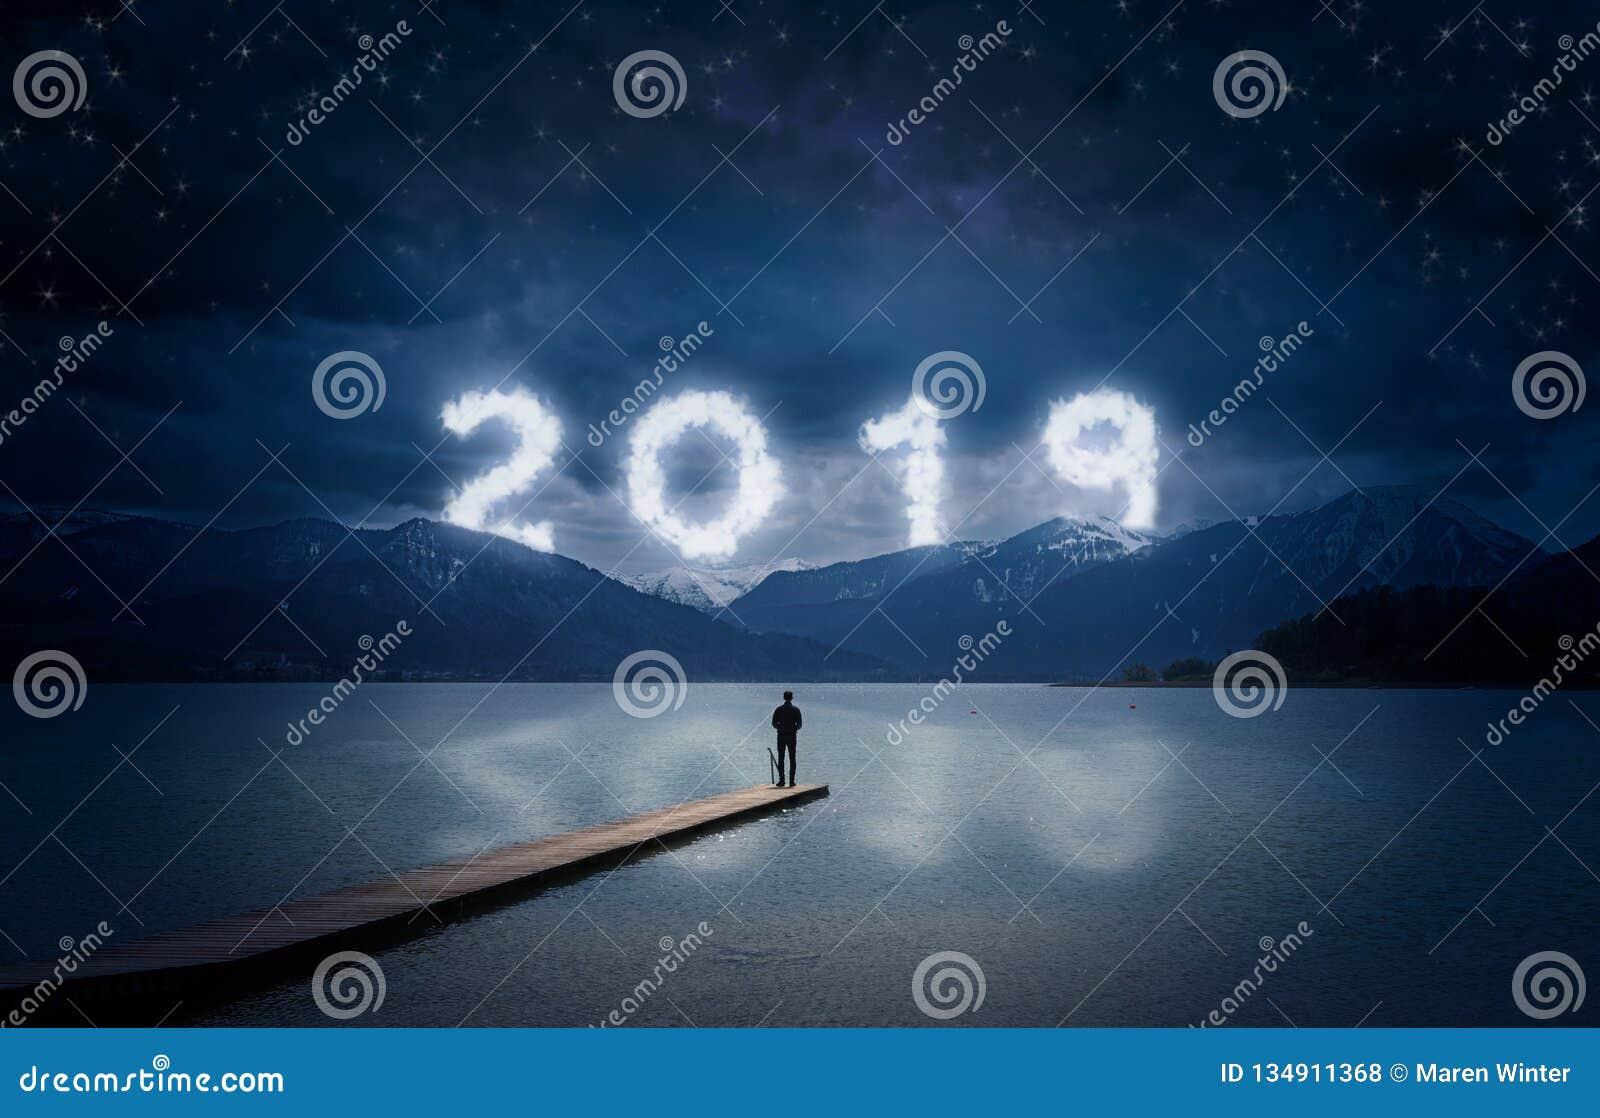 Nieuwe jaarachtergrond, jonge mens die zich op een pier in een meer bevinden en aan de bergen onder de donkere hemel met bewolkte